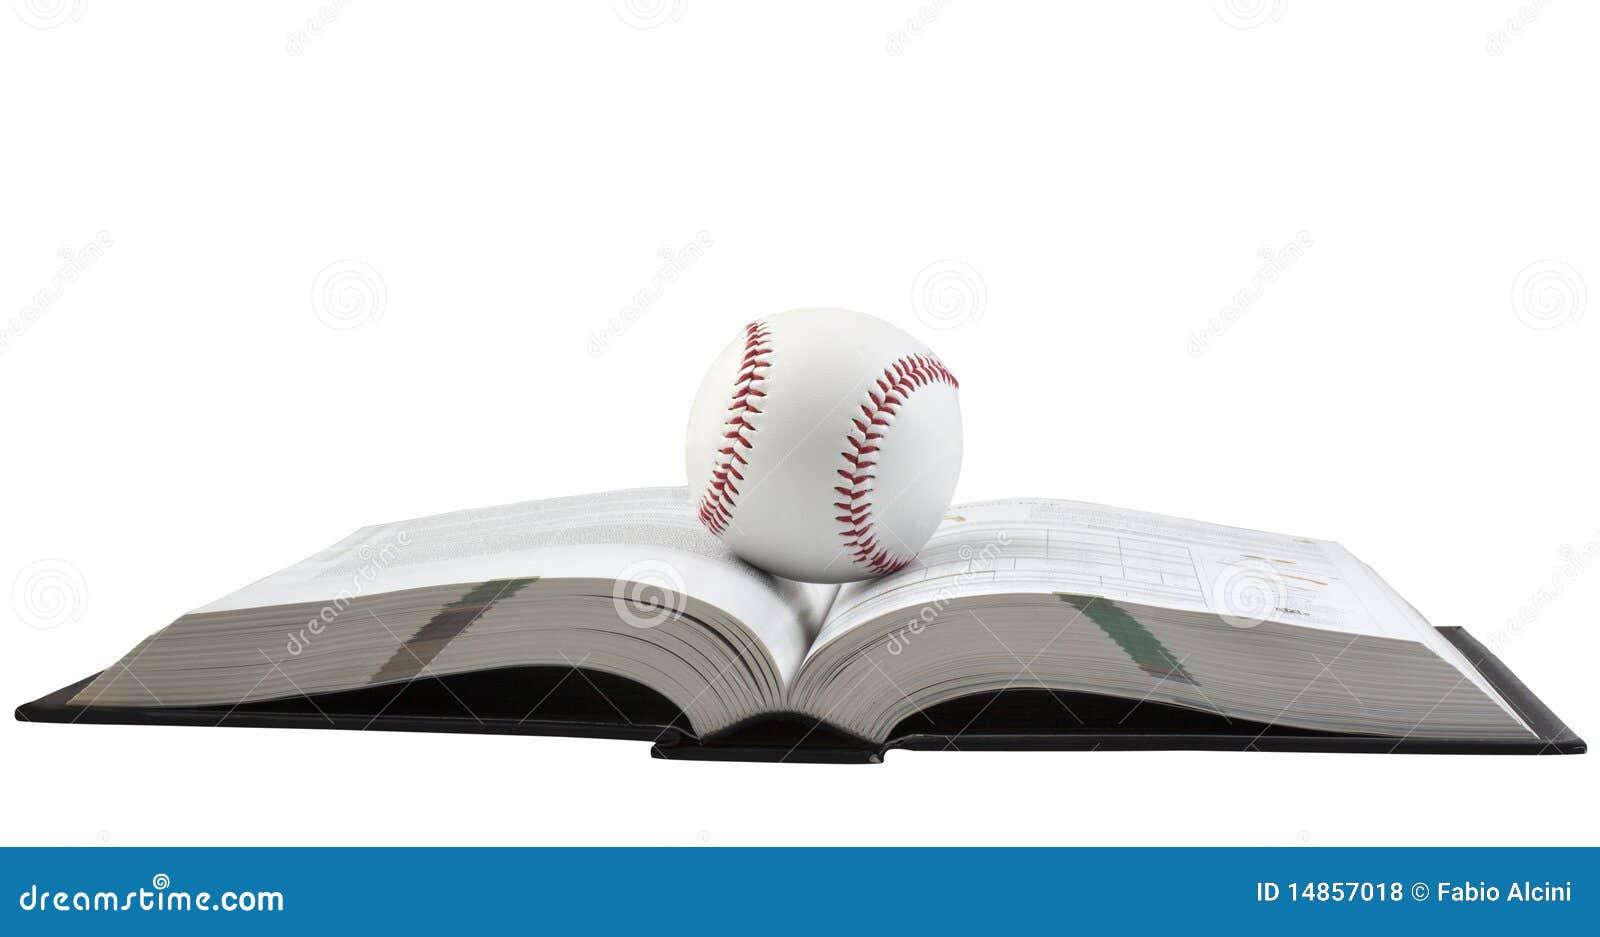 Baseball on book